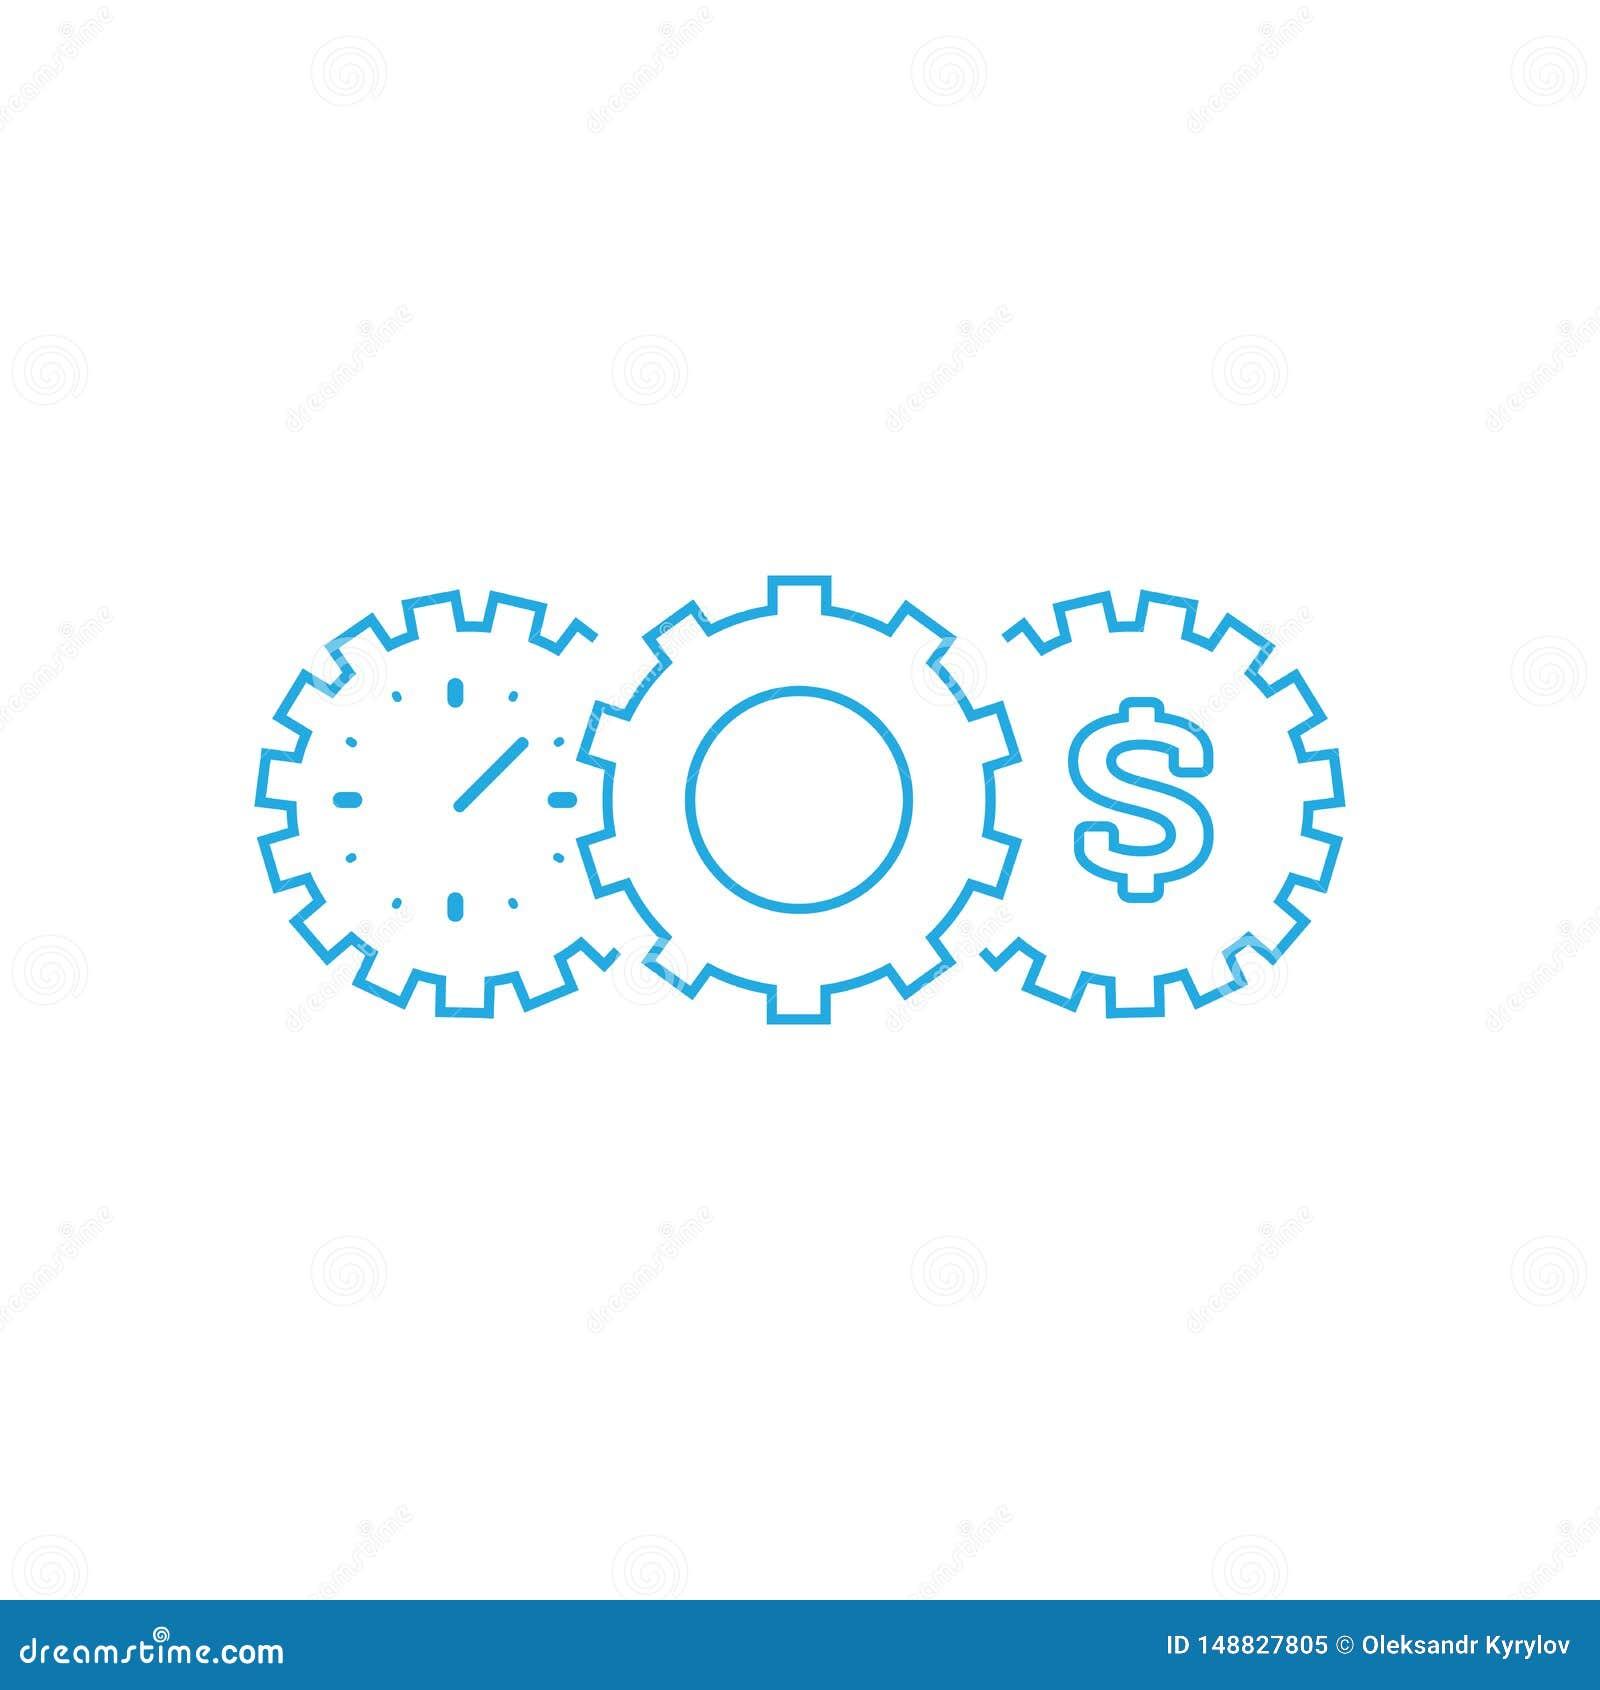 Tid är pengar, inkomsttillväxt, retur på investering-, affärs- och finansledning, aktiemarknaden, samarbetsbolag, aktieandelsfond